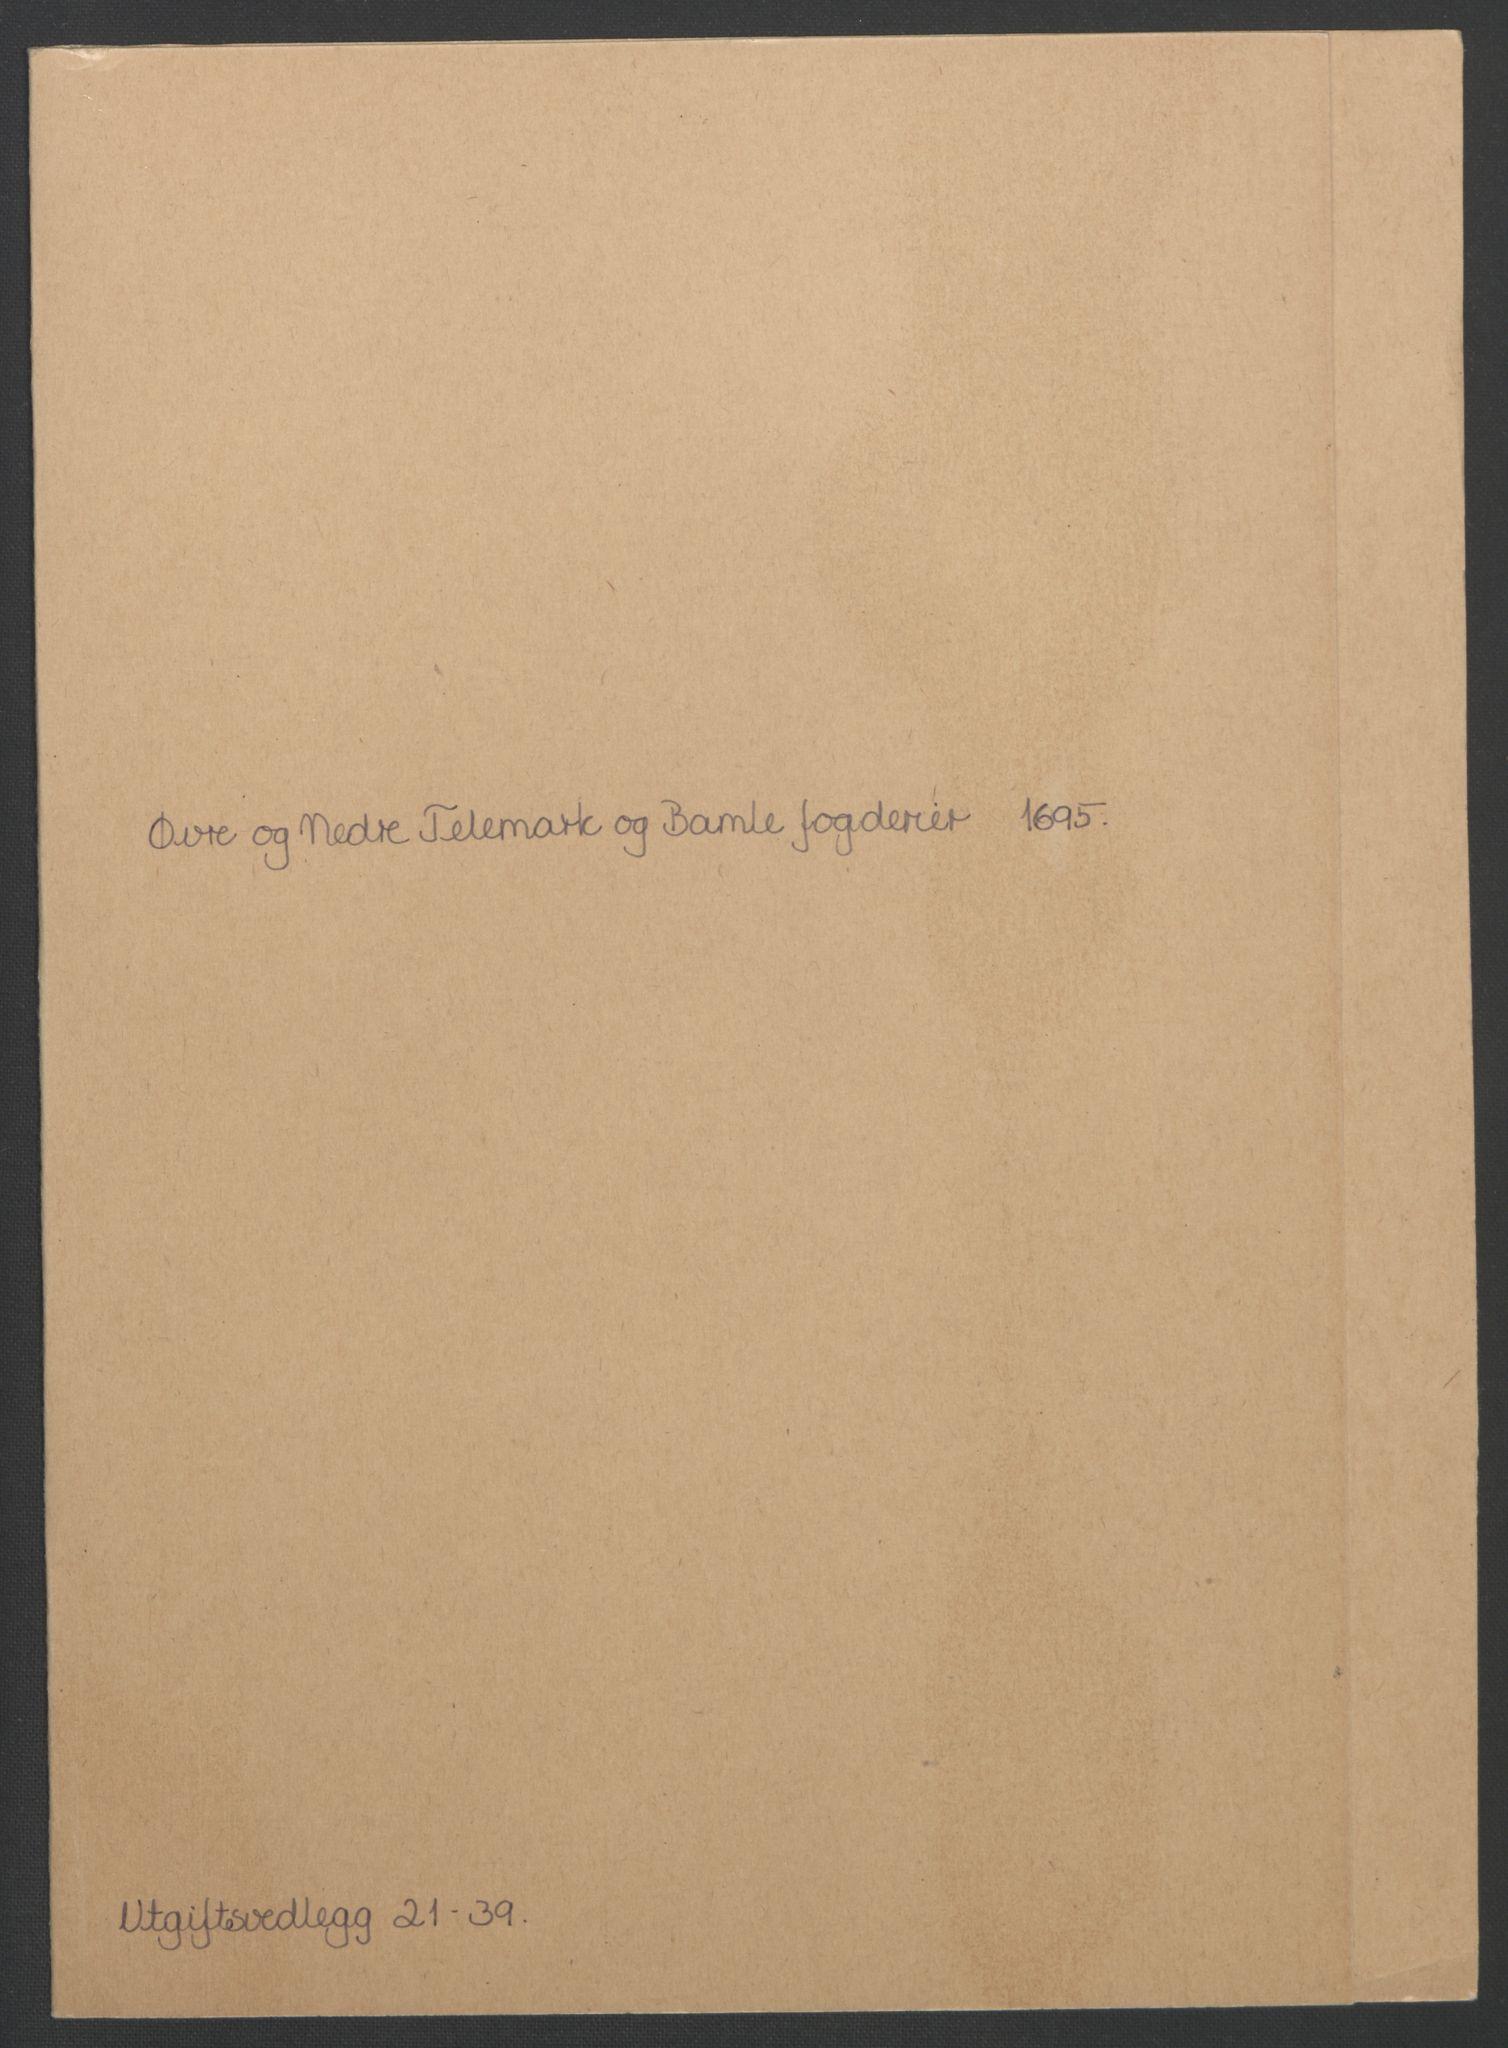 RA, Rentekammeret inntil 1814, Reviderte regnskaper, Fogderegnskap, R36/L2093: Fogderegnskap Øvre og Nedre Telemark og Bamble, 1695, s. 473